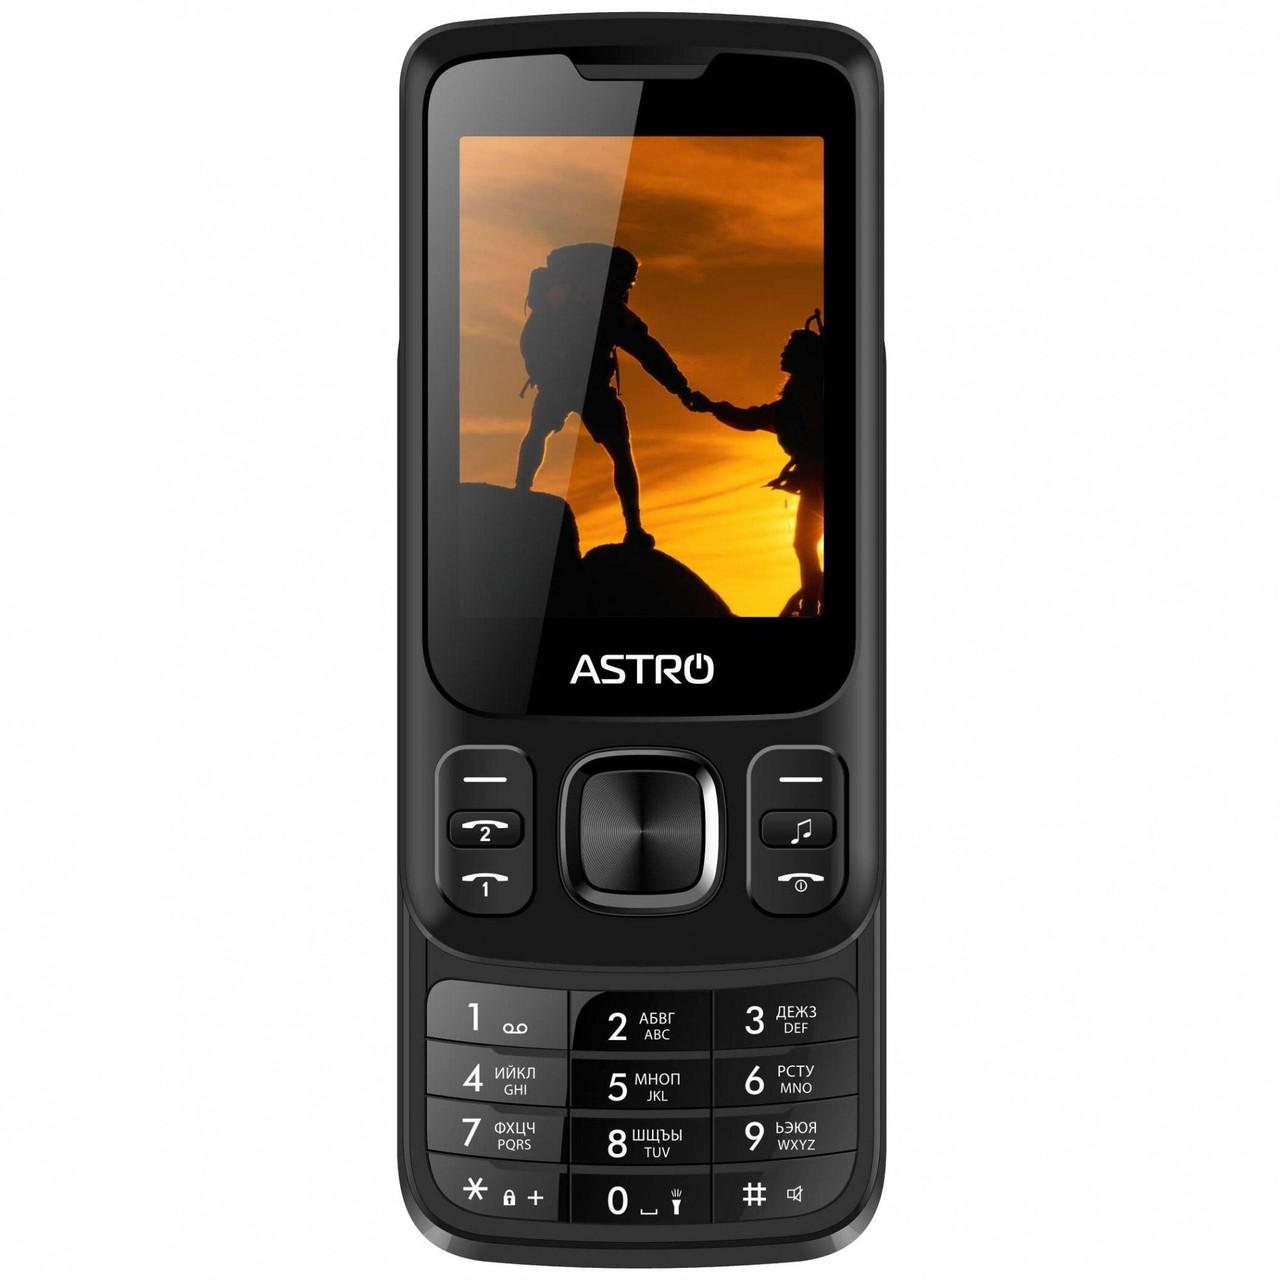 Кнопочный мобильный телефон Astro A225 Black бюджетный телефон недорого дешево